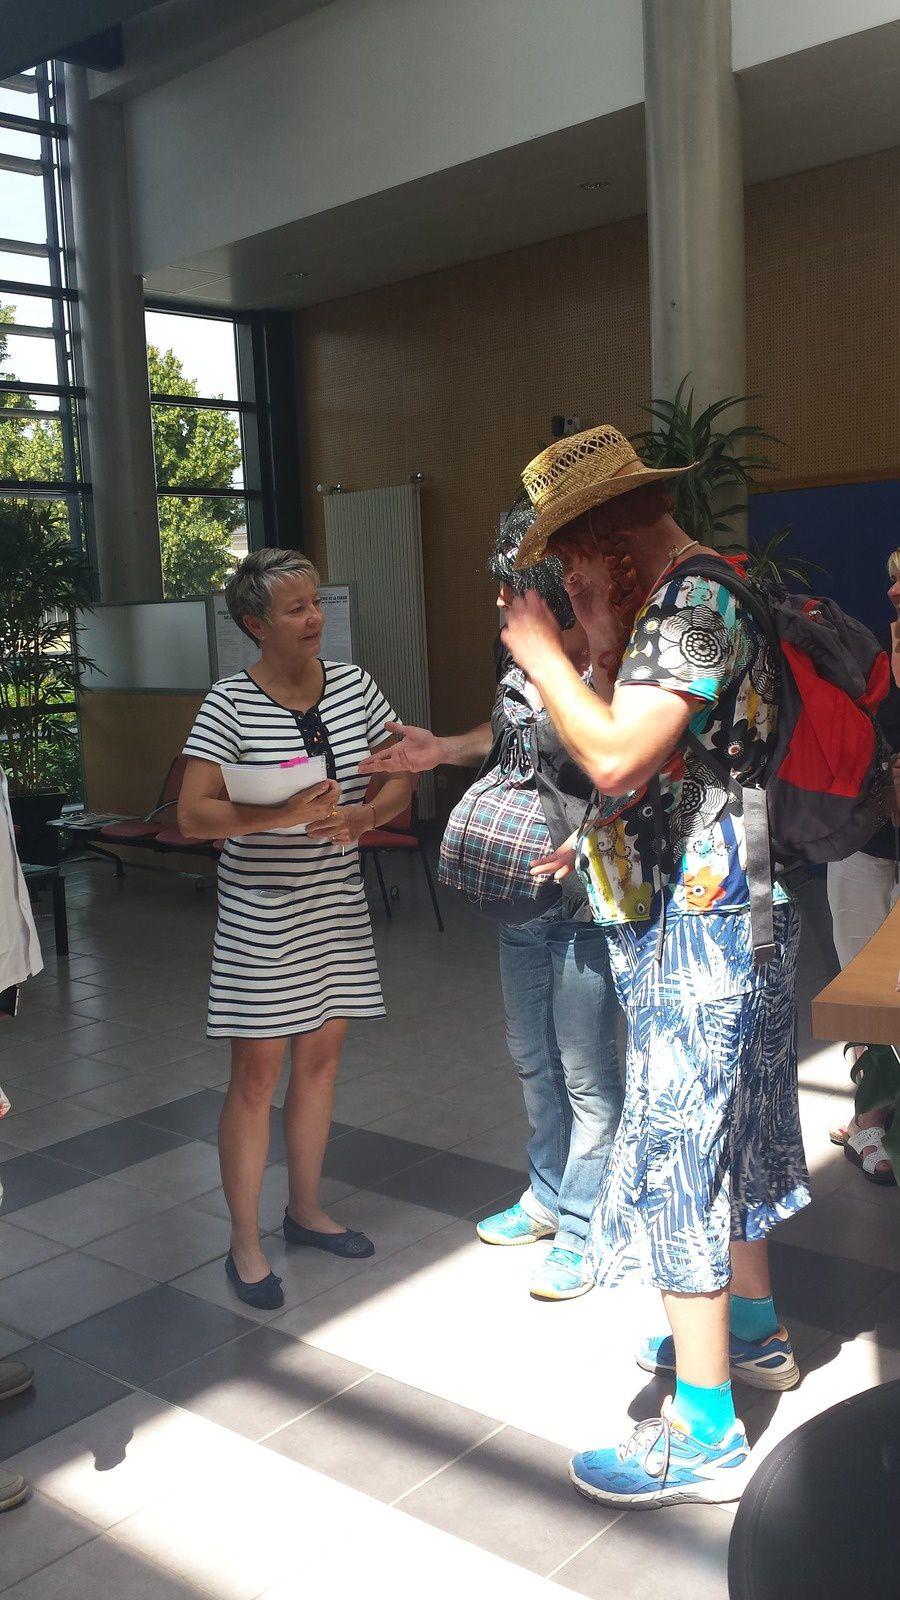 Hôpital : le cortège des fausses femmes enceintes est allé rendre visite à l'agence régionale de santé à Bourges !